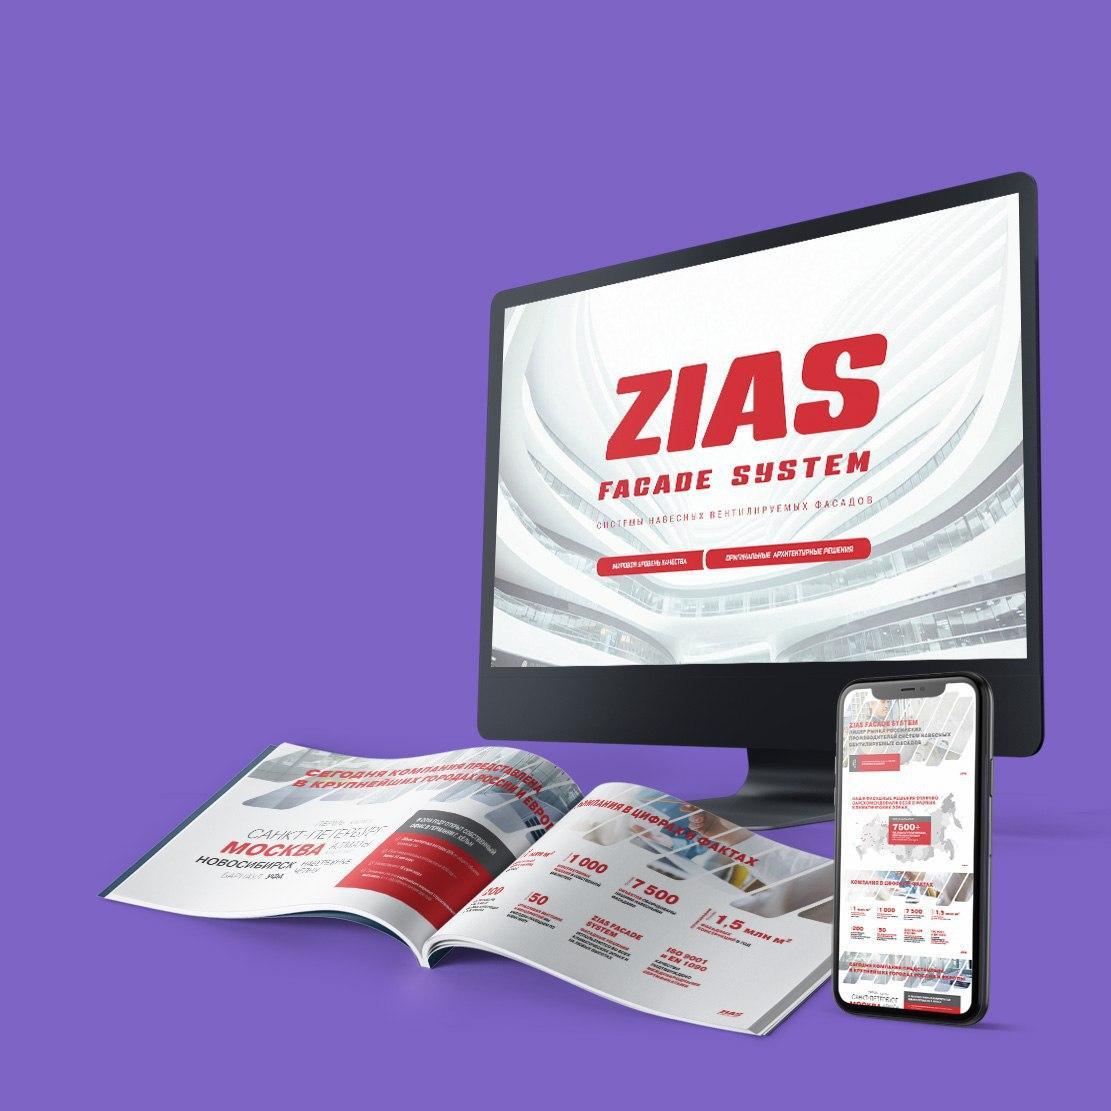 Презентация по производству строительных материалов ZIAS